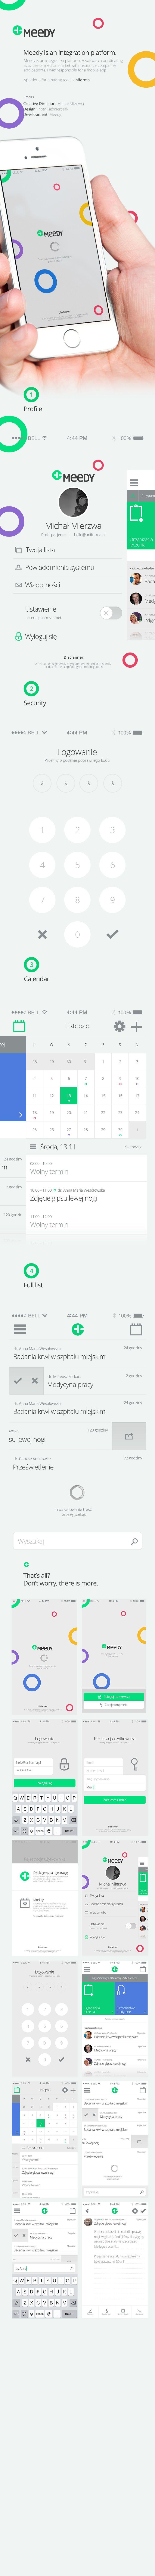 Meedy - mobile app